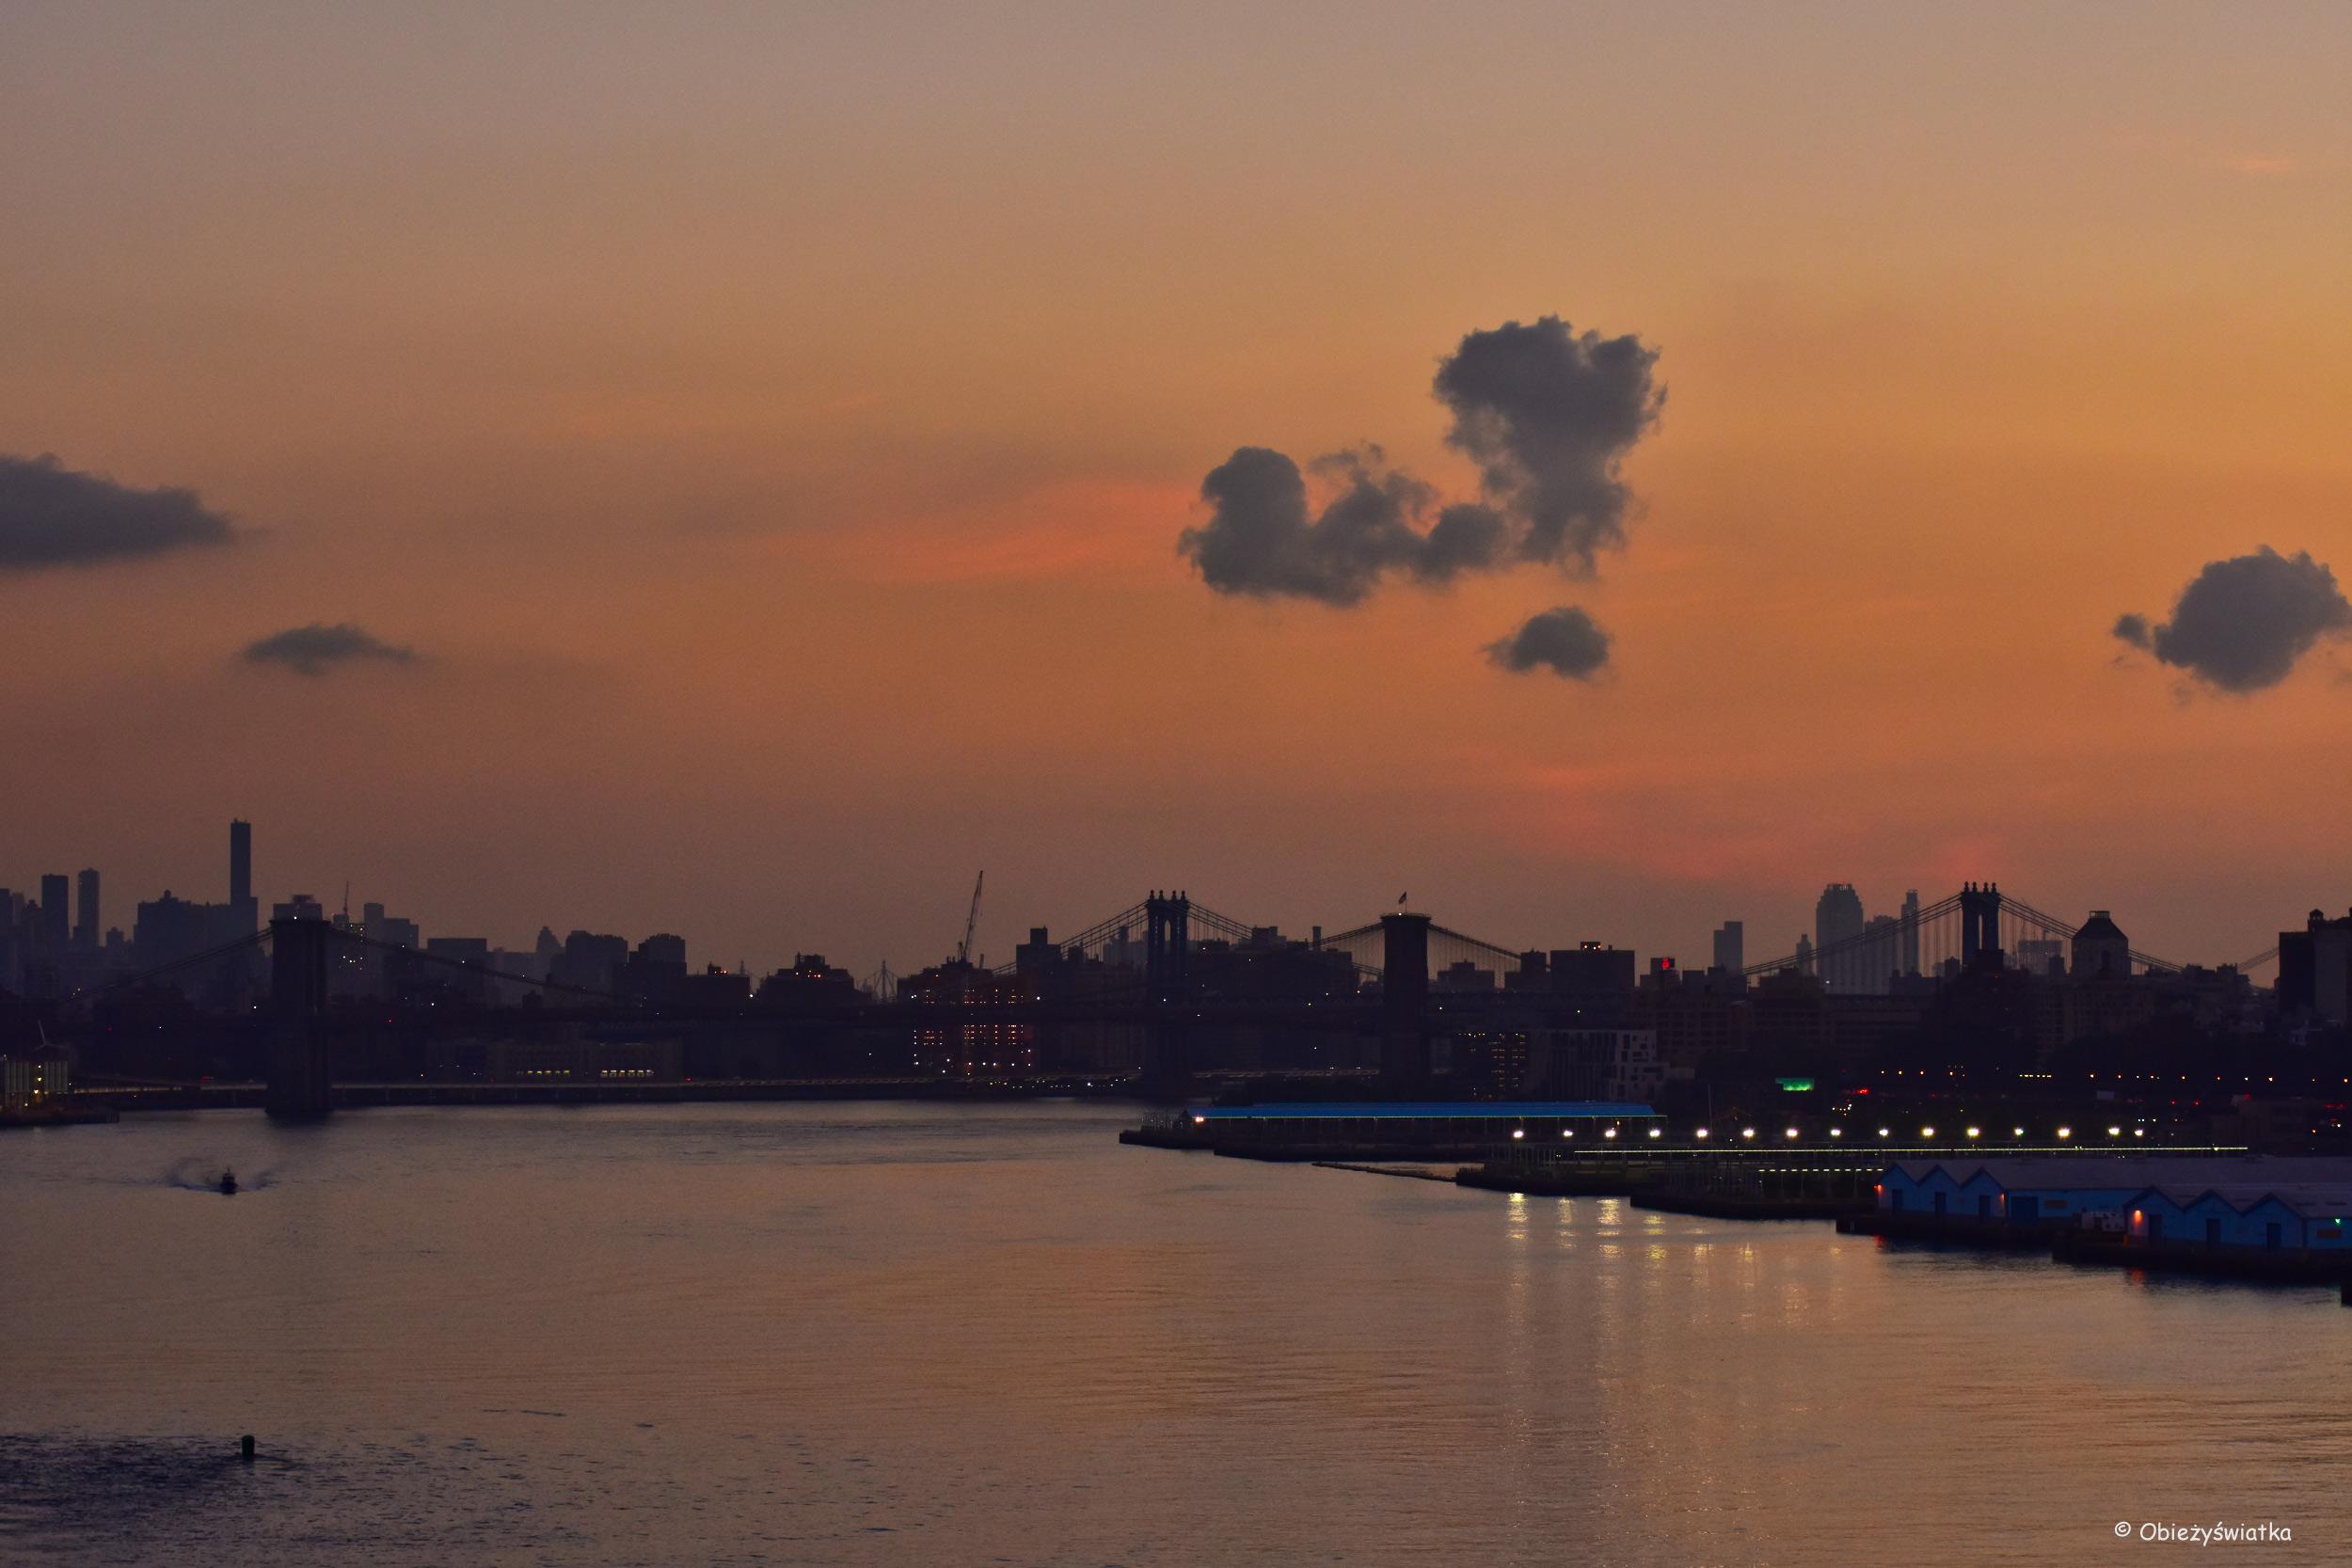 Nowy Jork o poranku 0 w tle dwa ważne mosty - Brooklyn Bridge i Manhattan Bridge